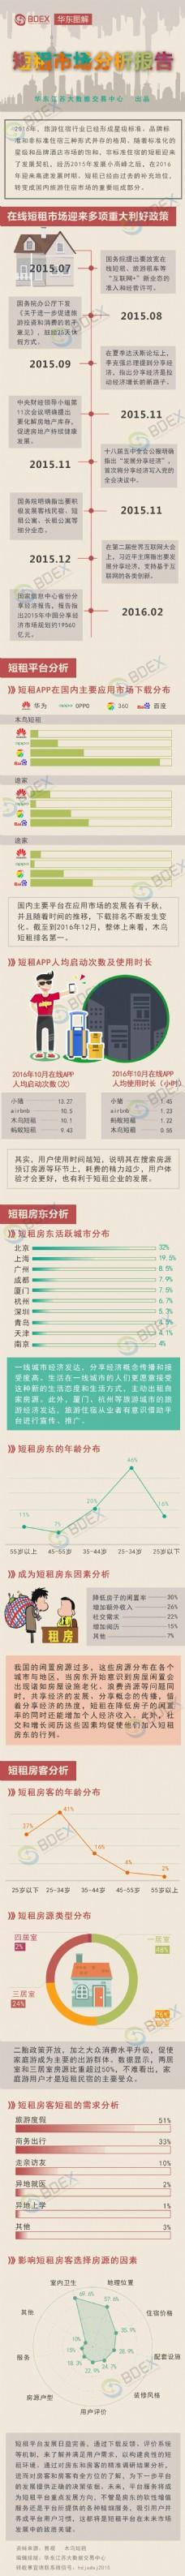 短租市场分析报告